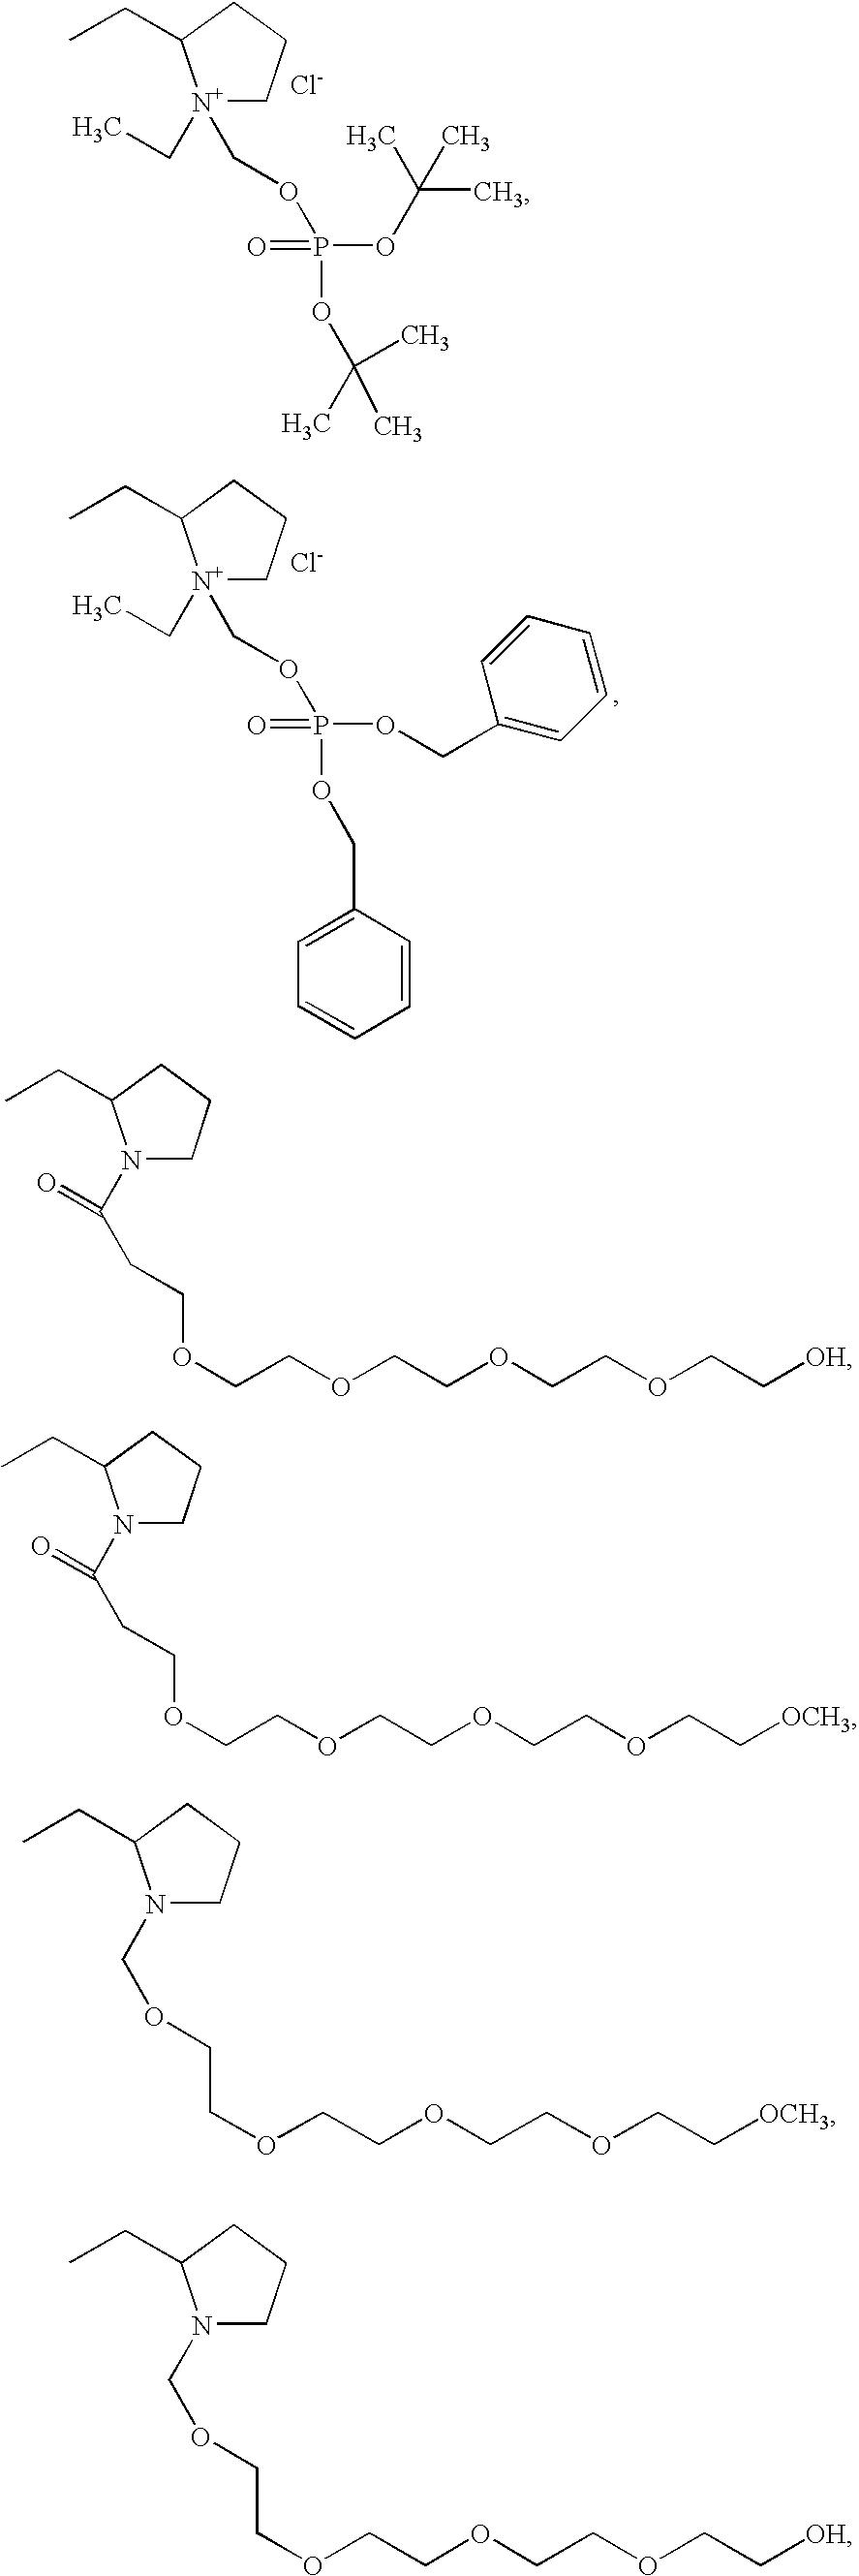 Figure US20050113341A1-20050526-C00106